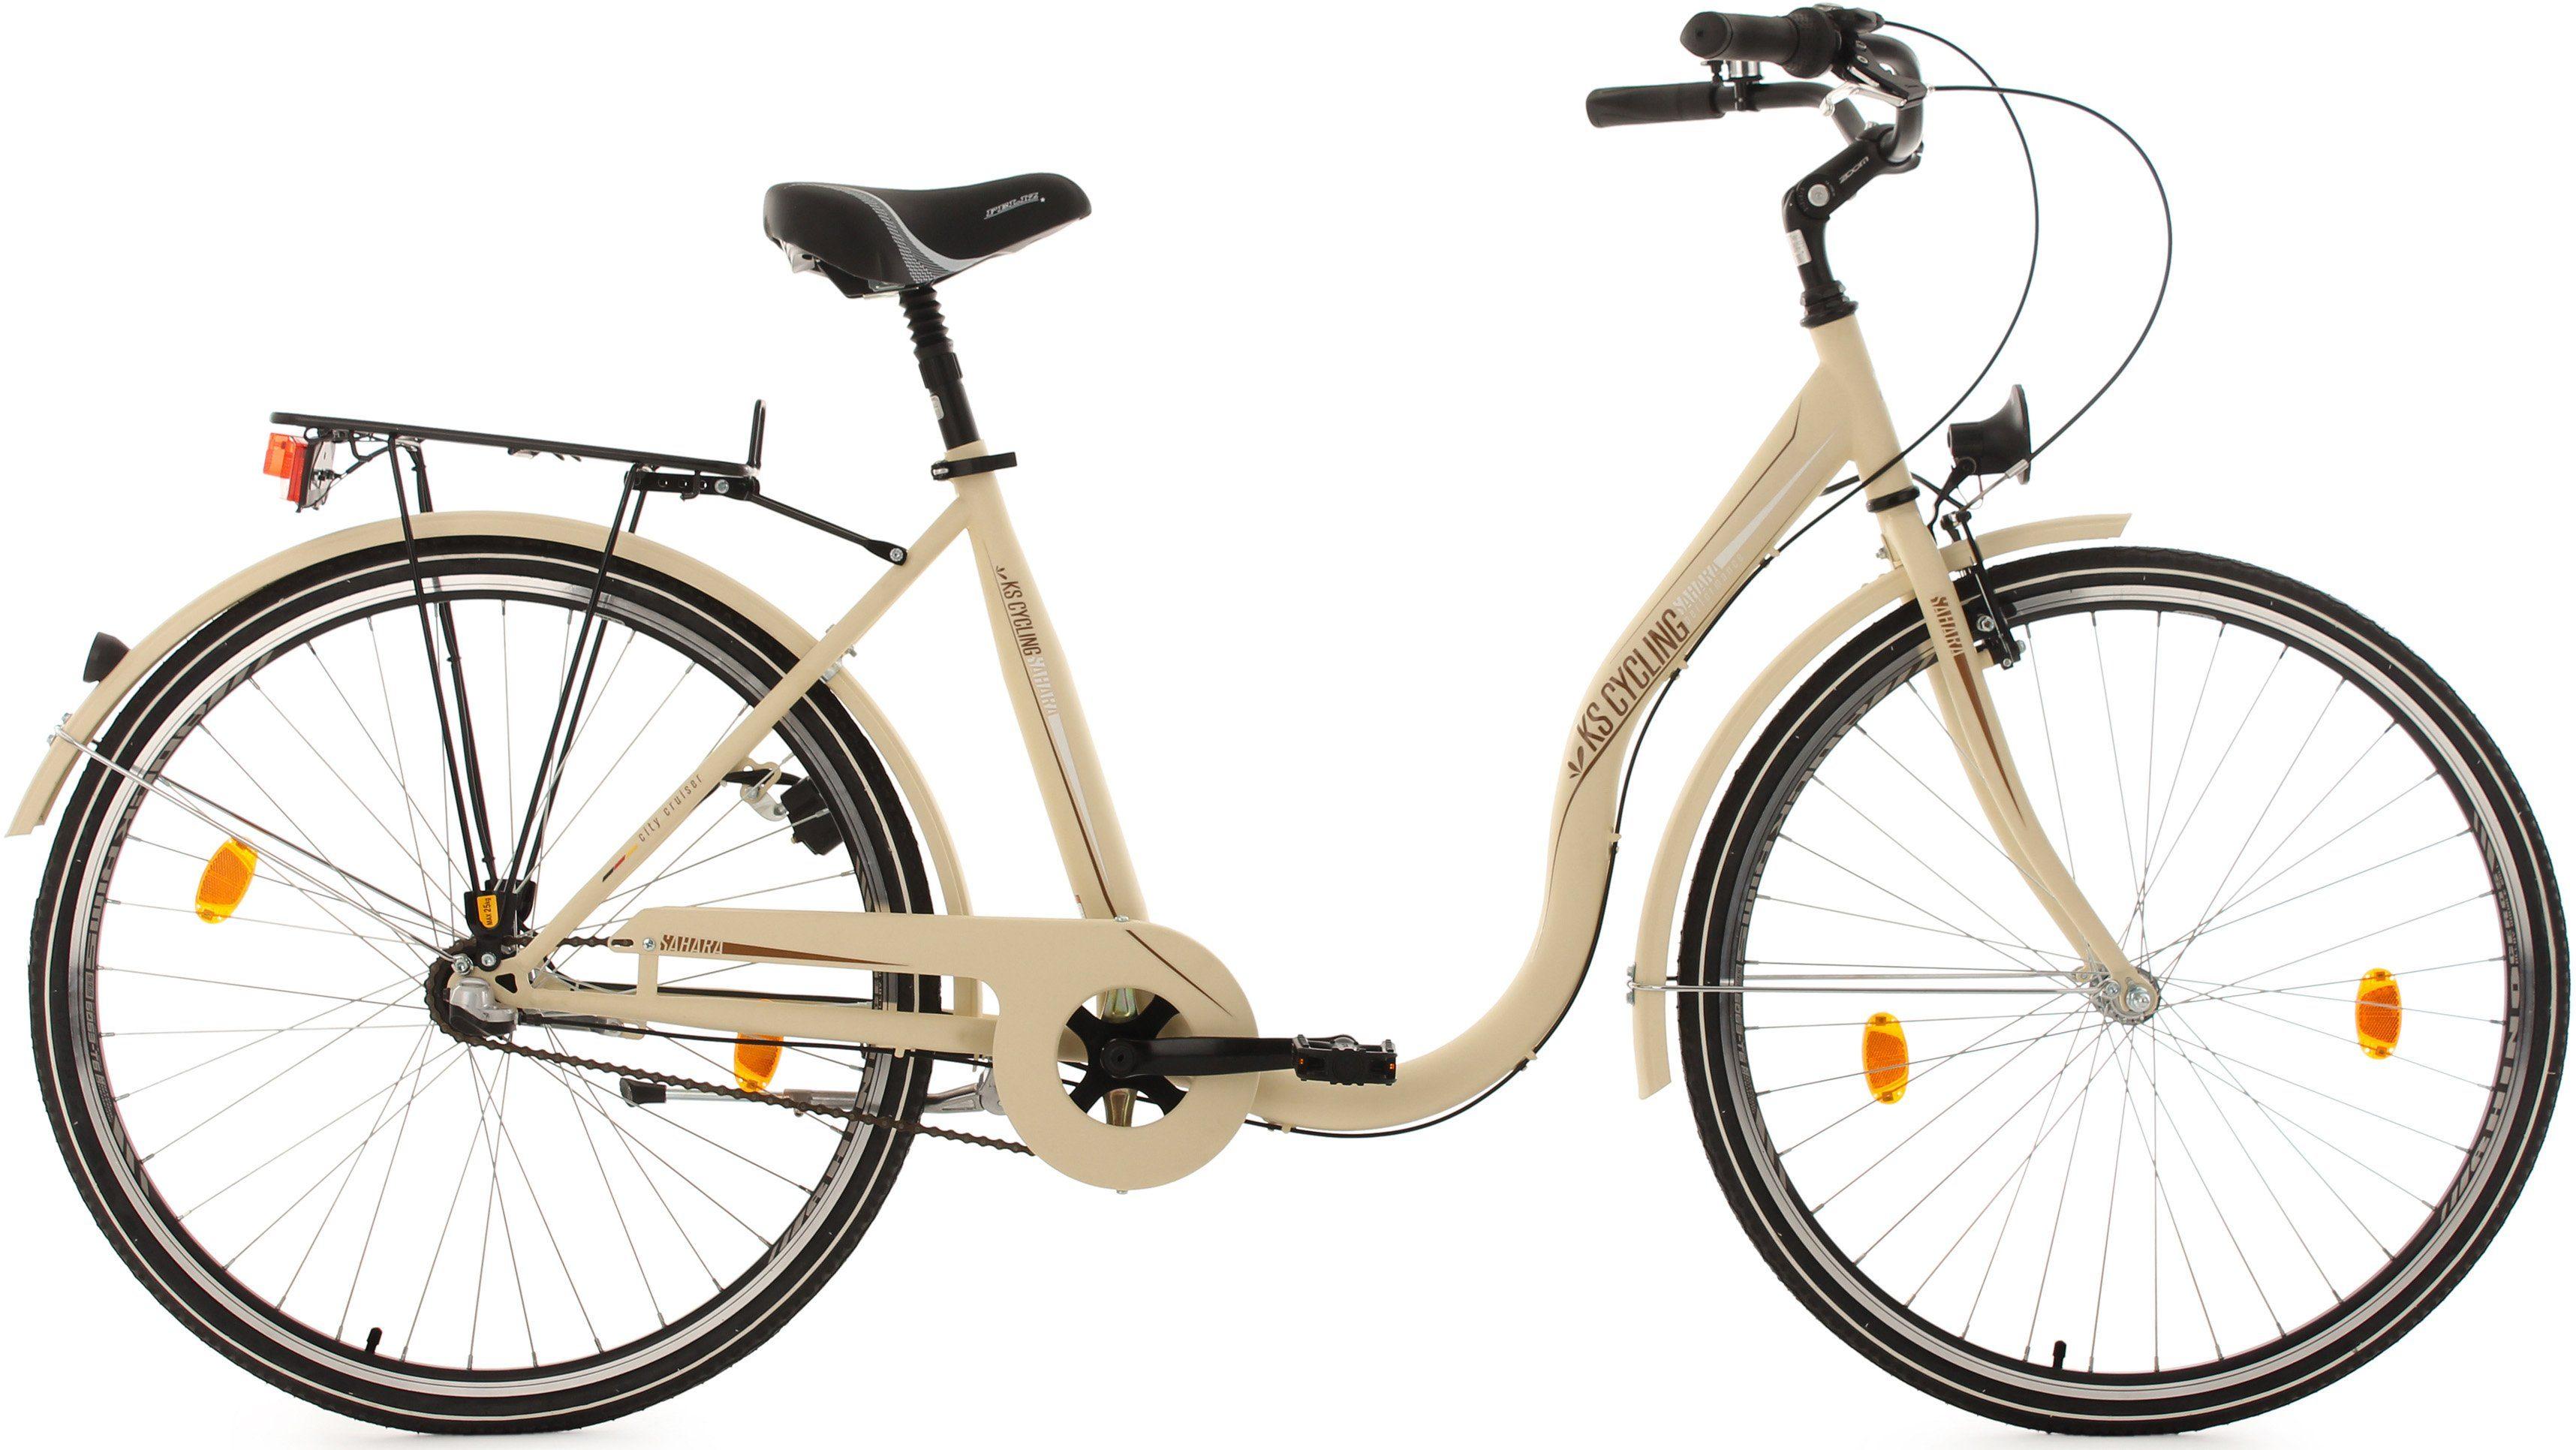 KS Cycling Damen-Cityrad, 28 Zoll, beige, 3 Gang-Nabenschaltung, »Sahara«